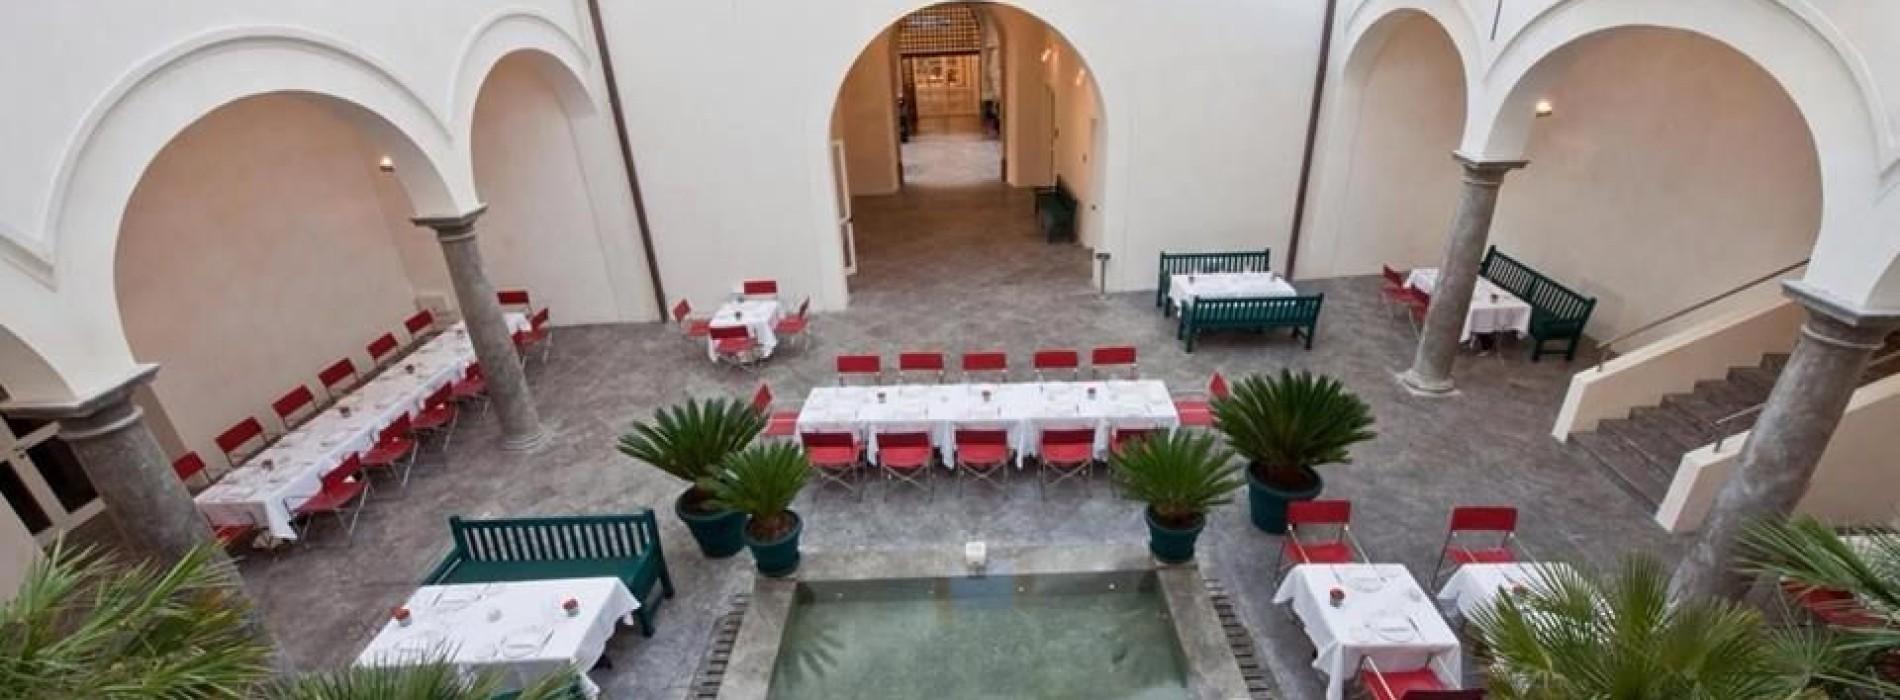 Ristorante Branciforte a Palermo: l'arte ospita la buona cucina